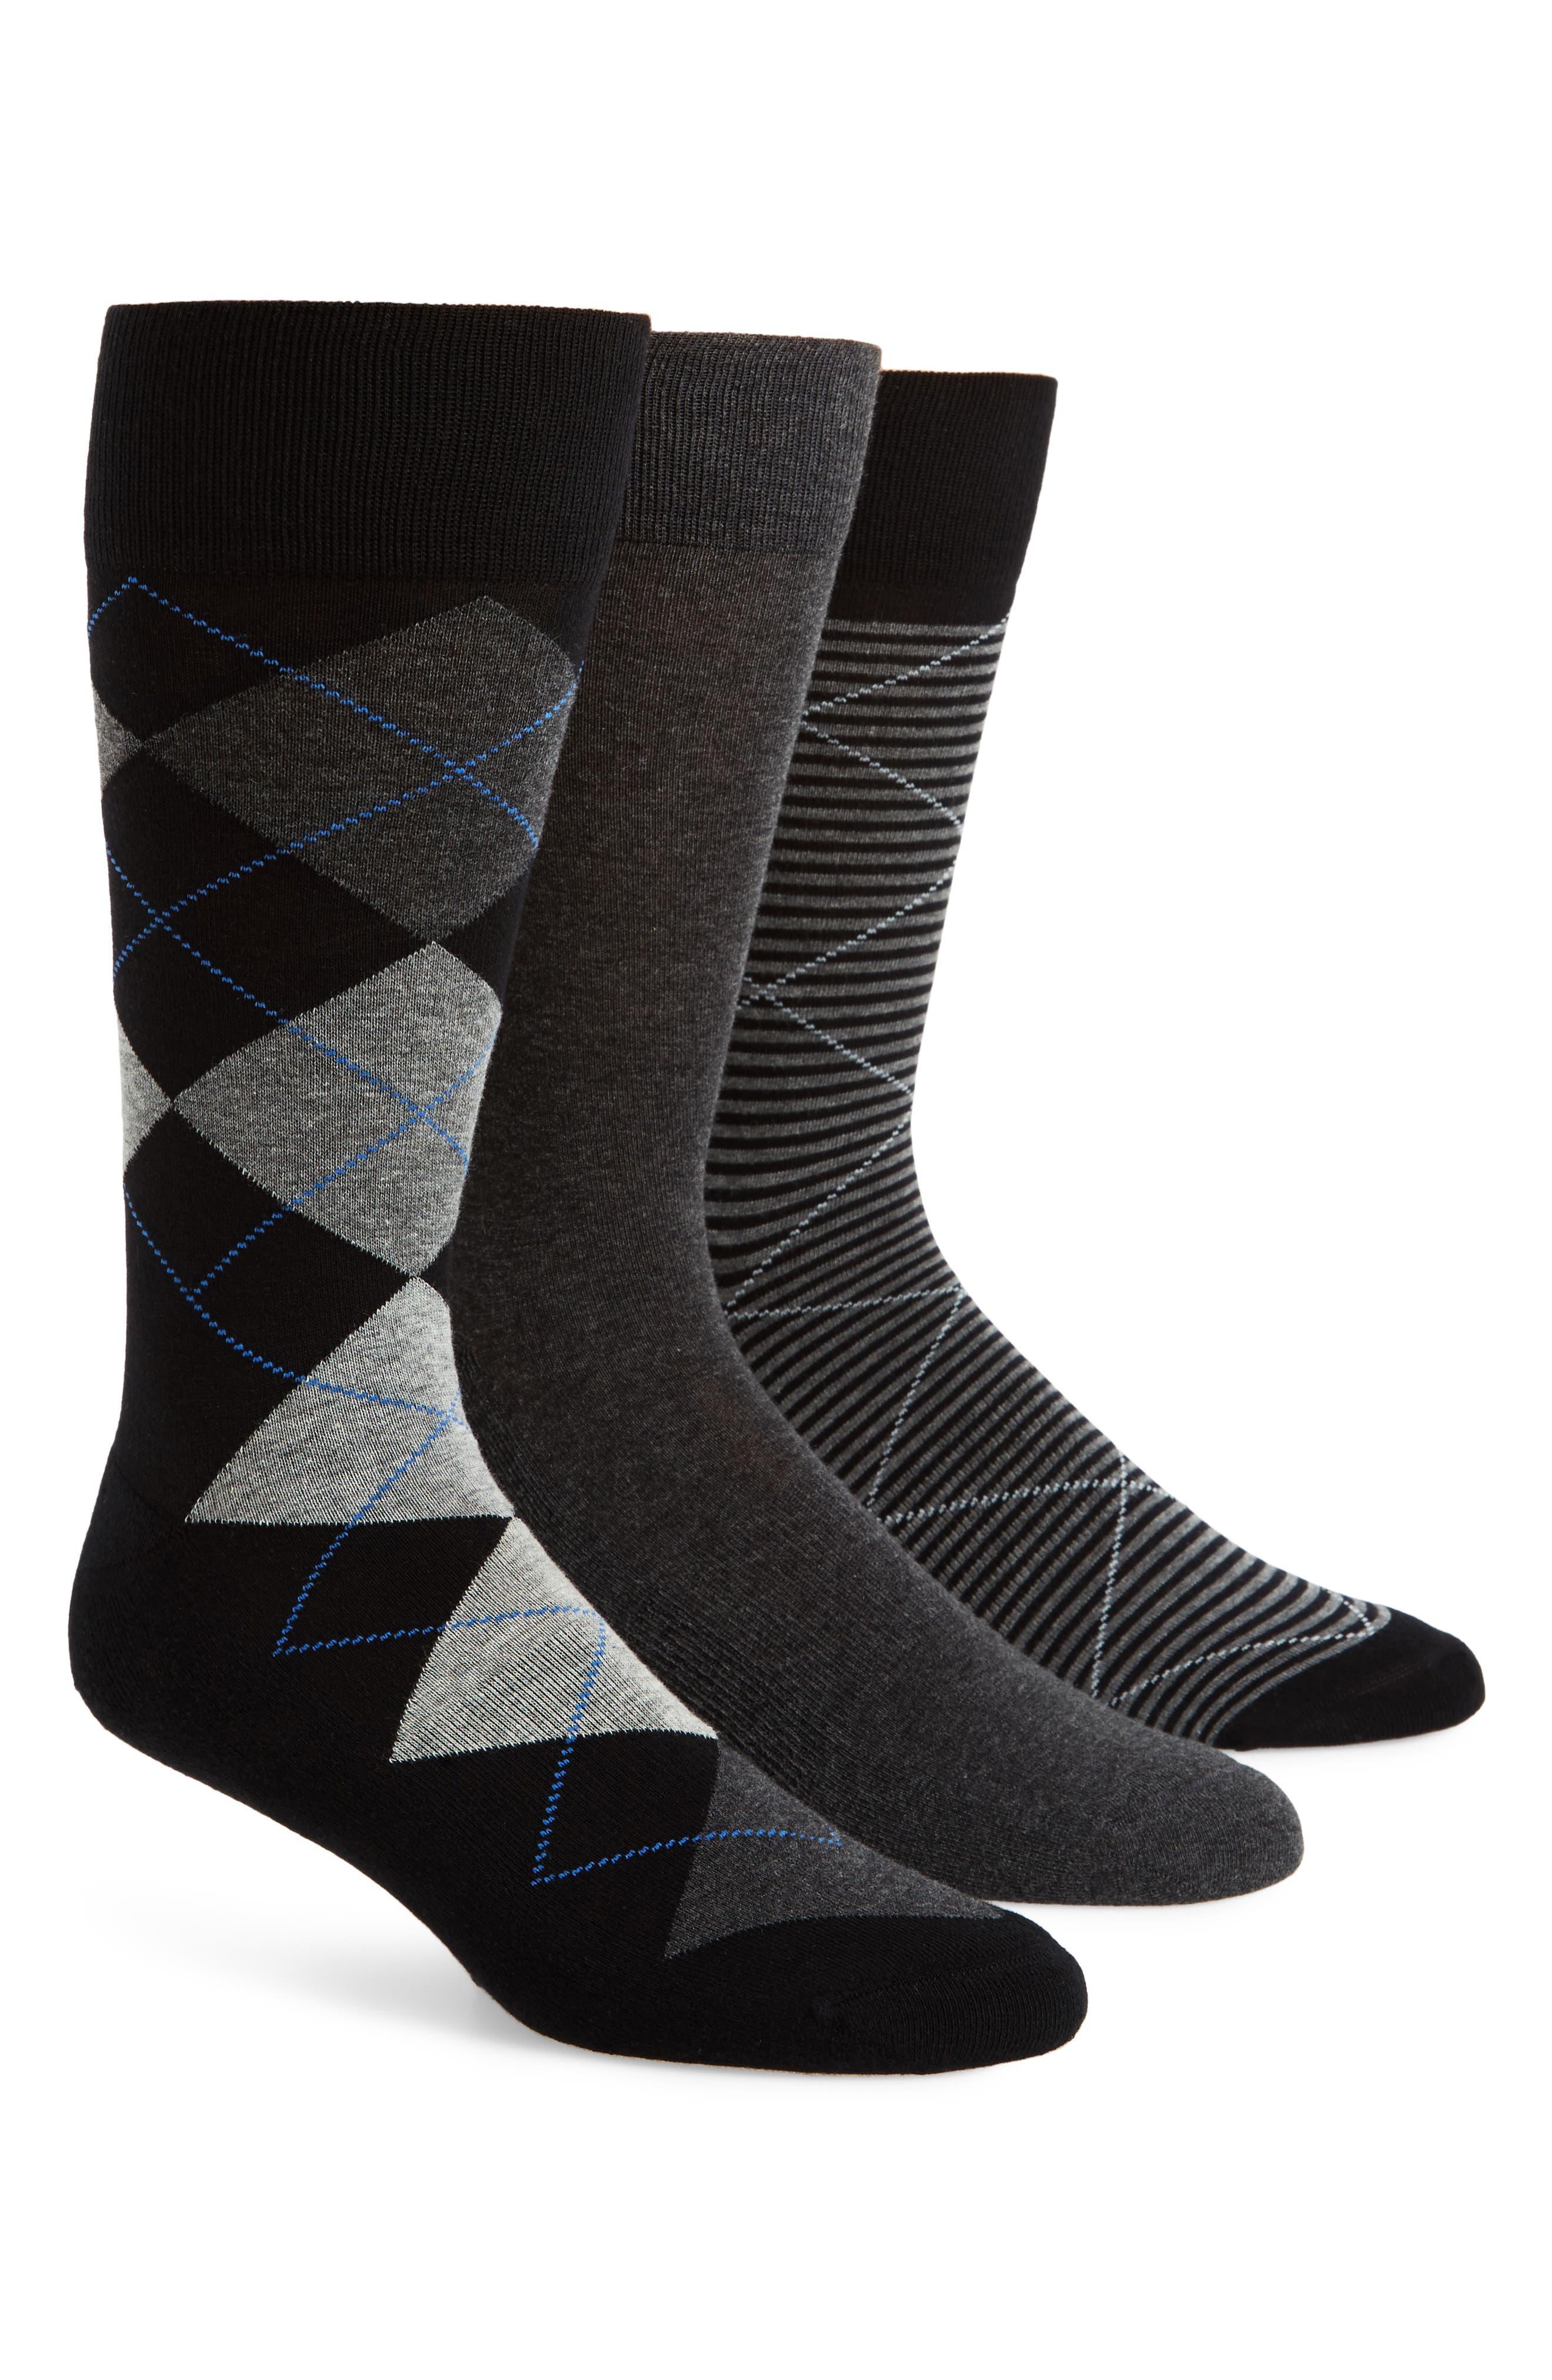 Main Image - Nordstrom Men's Shop 3-Pack Cotton Blend Socks